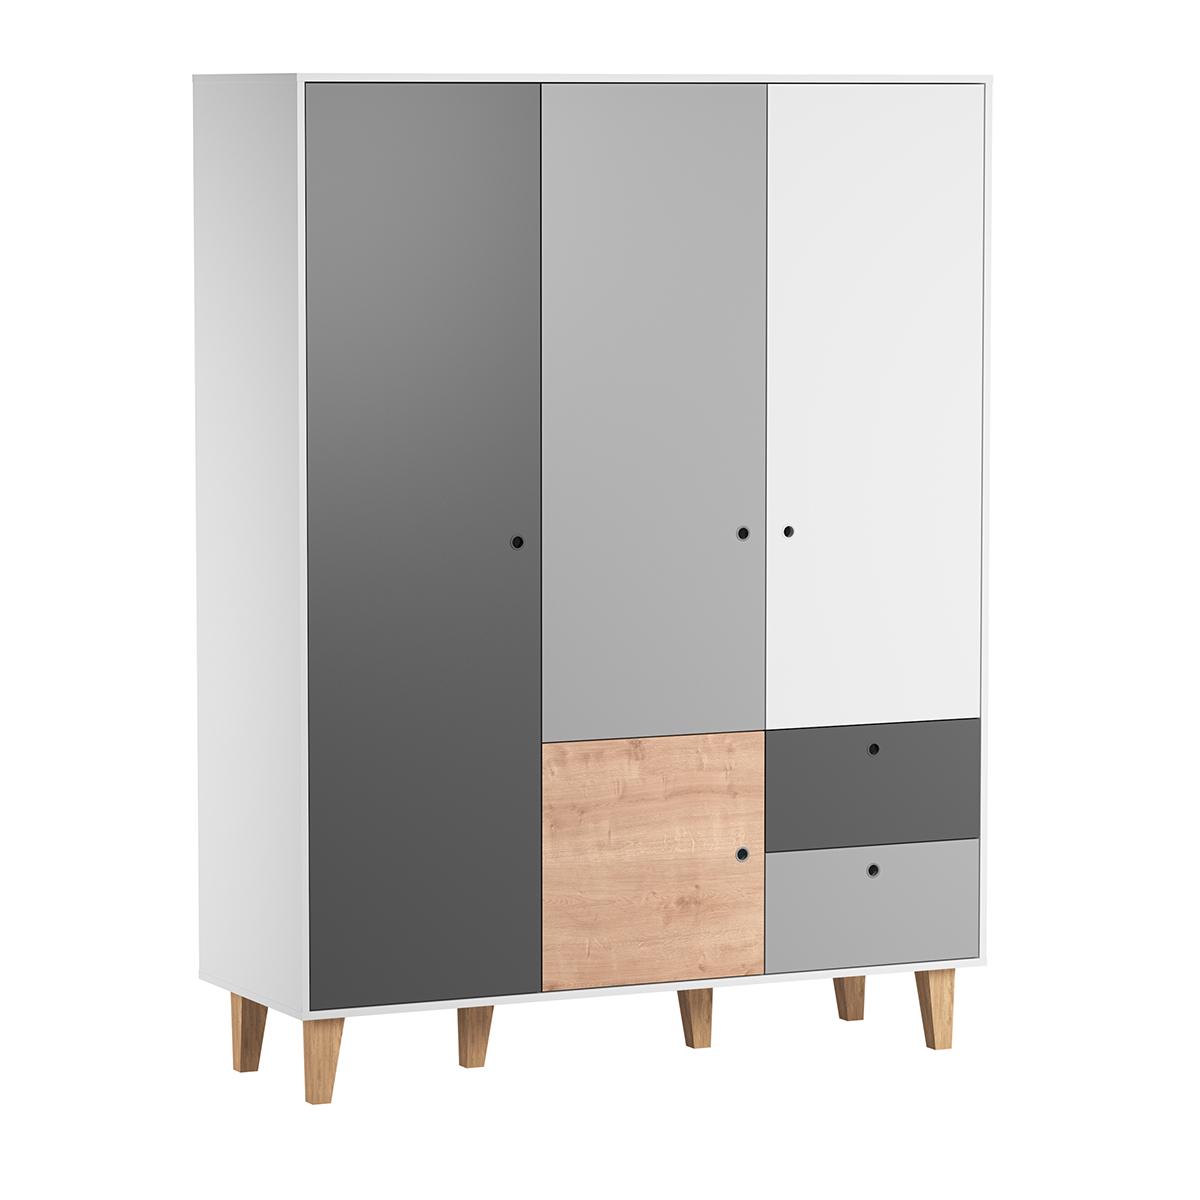 Armoire 3 portes Vox Concept - Bois